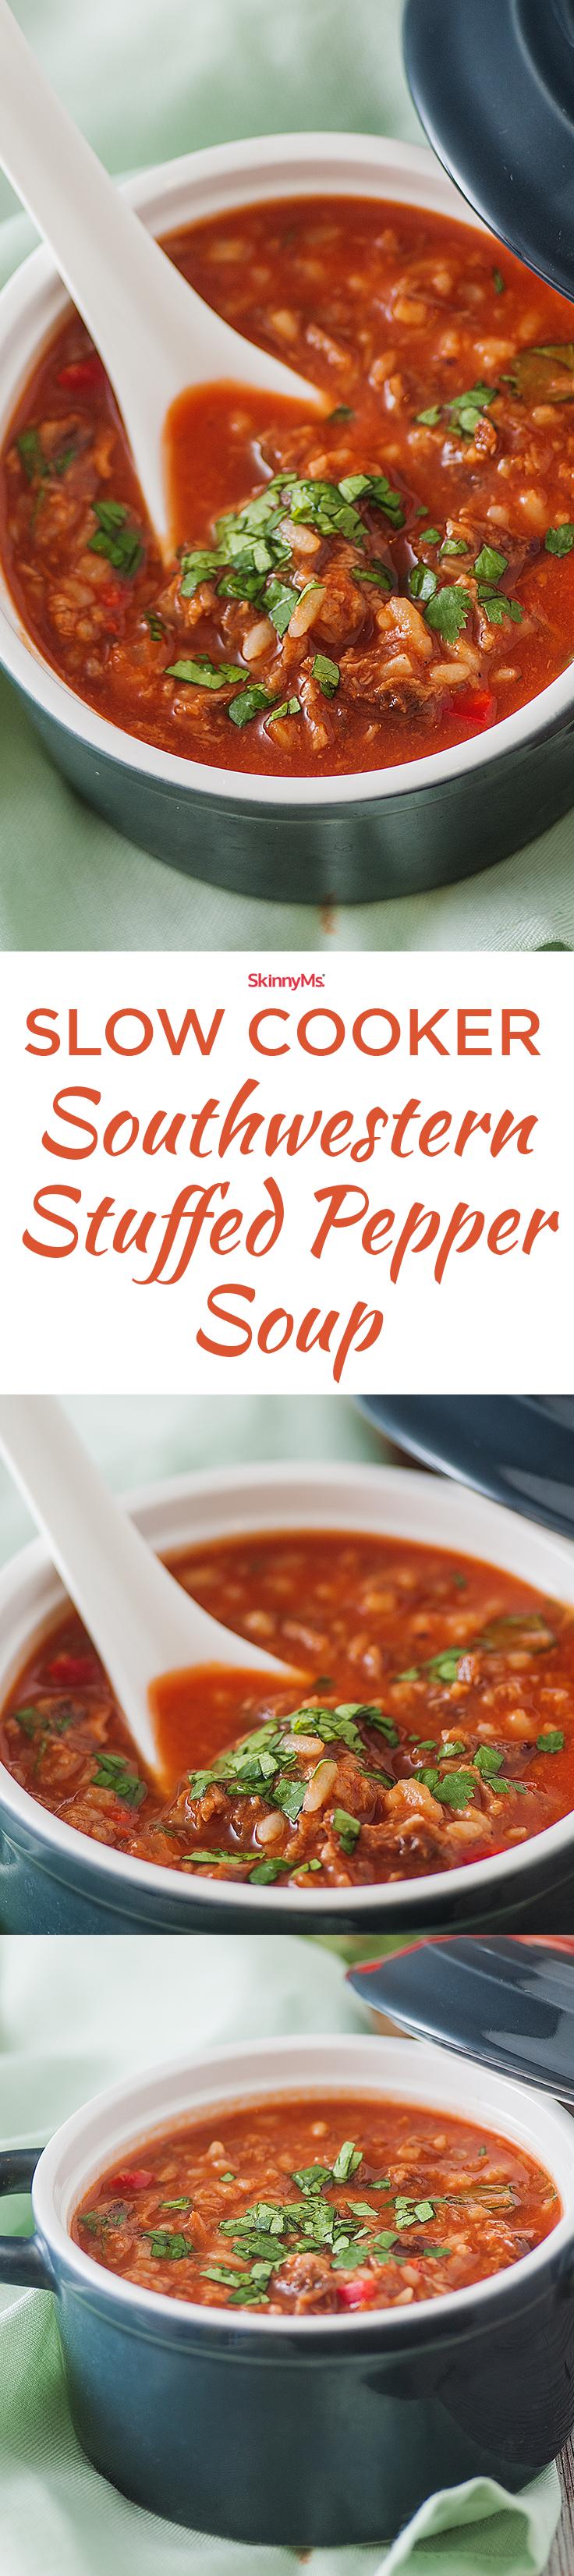 Watch Southwestern Stuffed Pepper Soup video